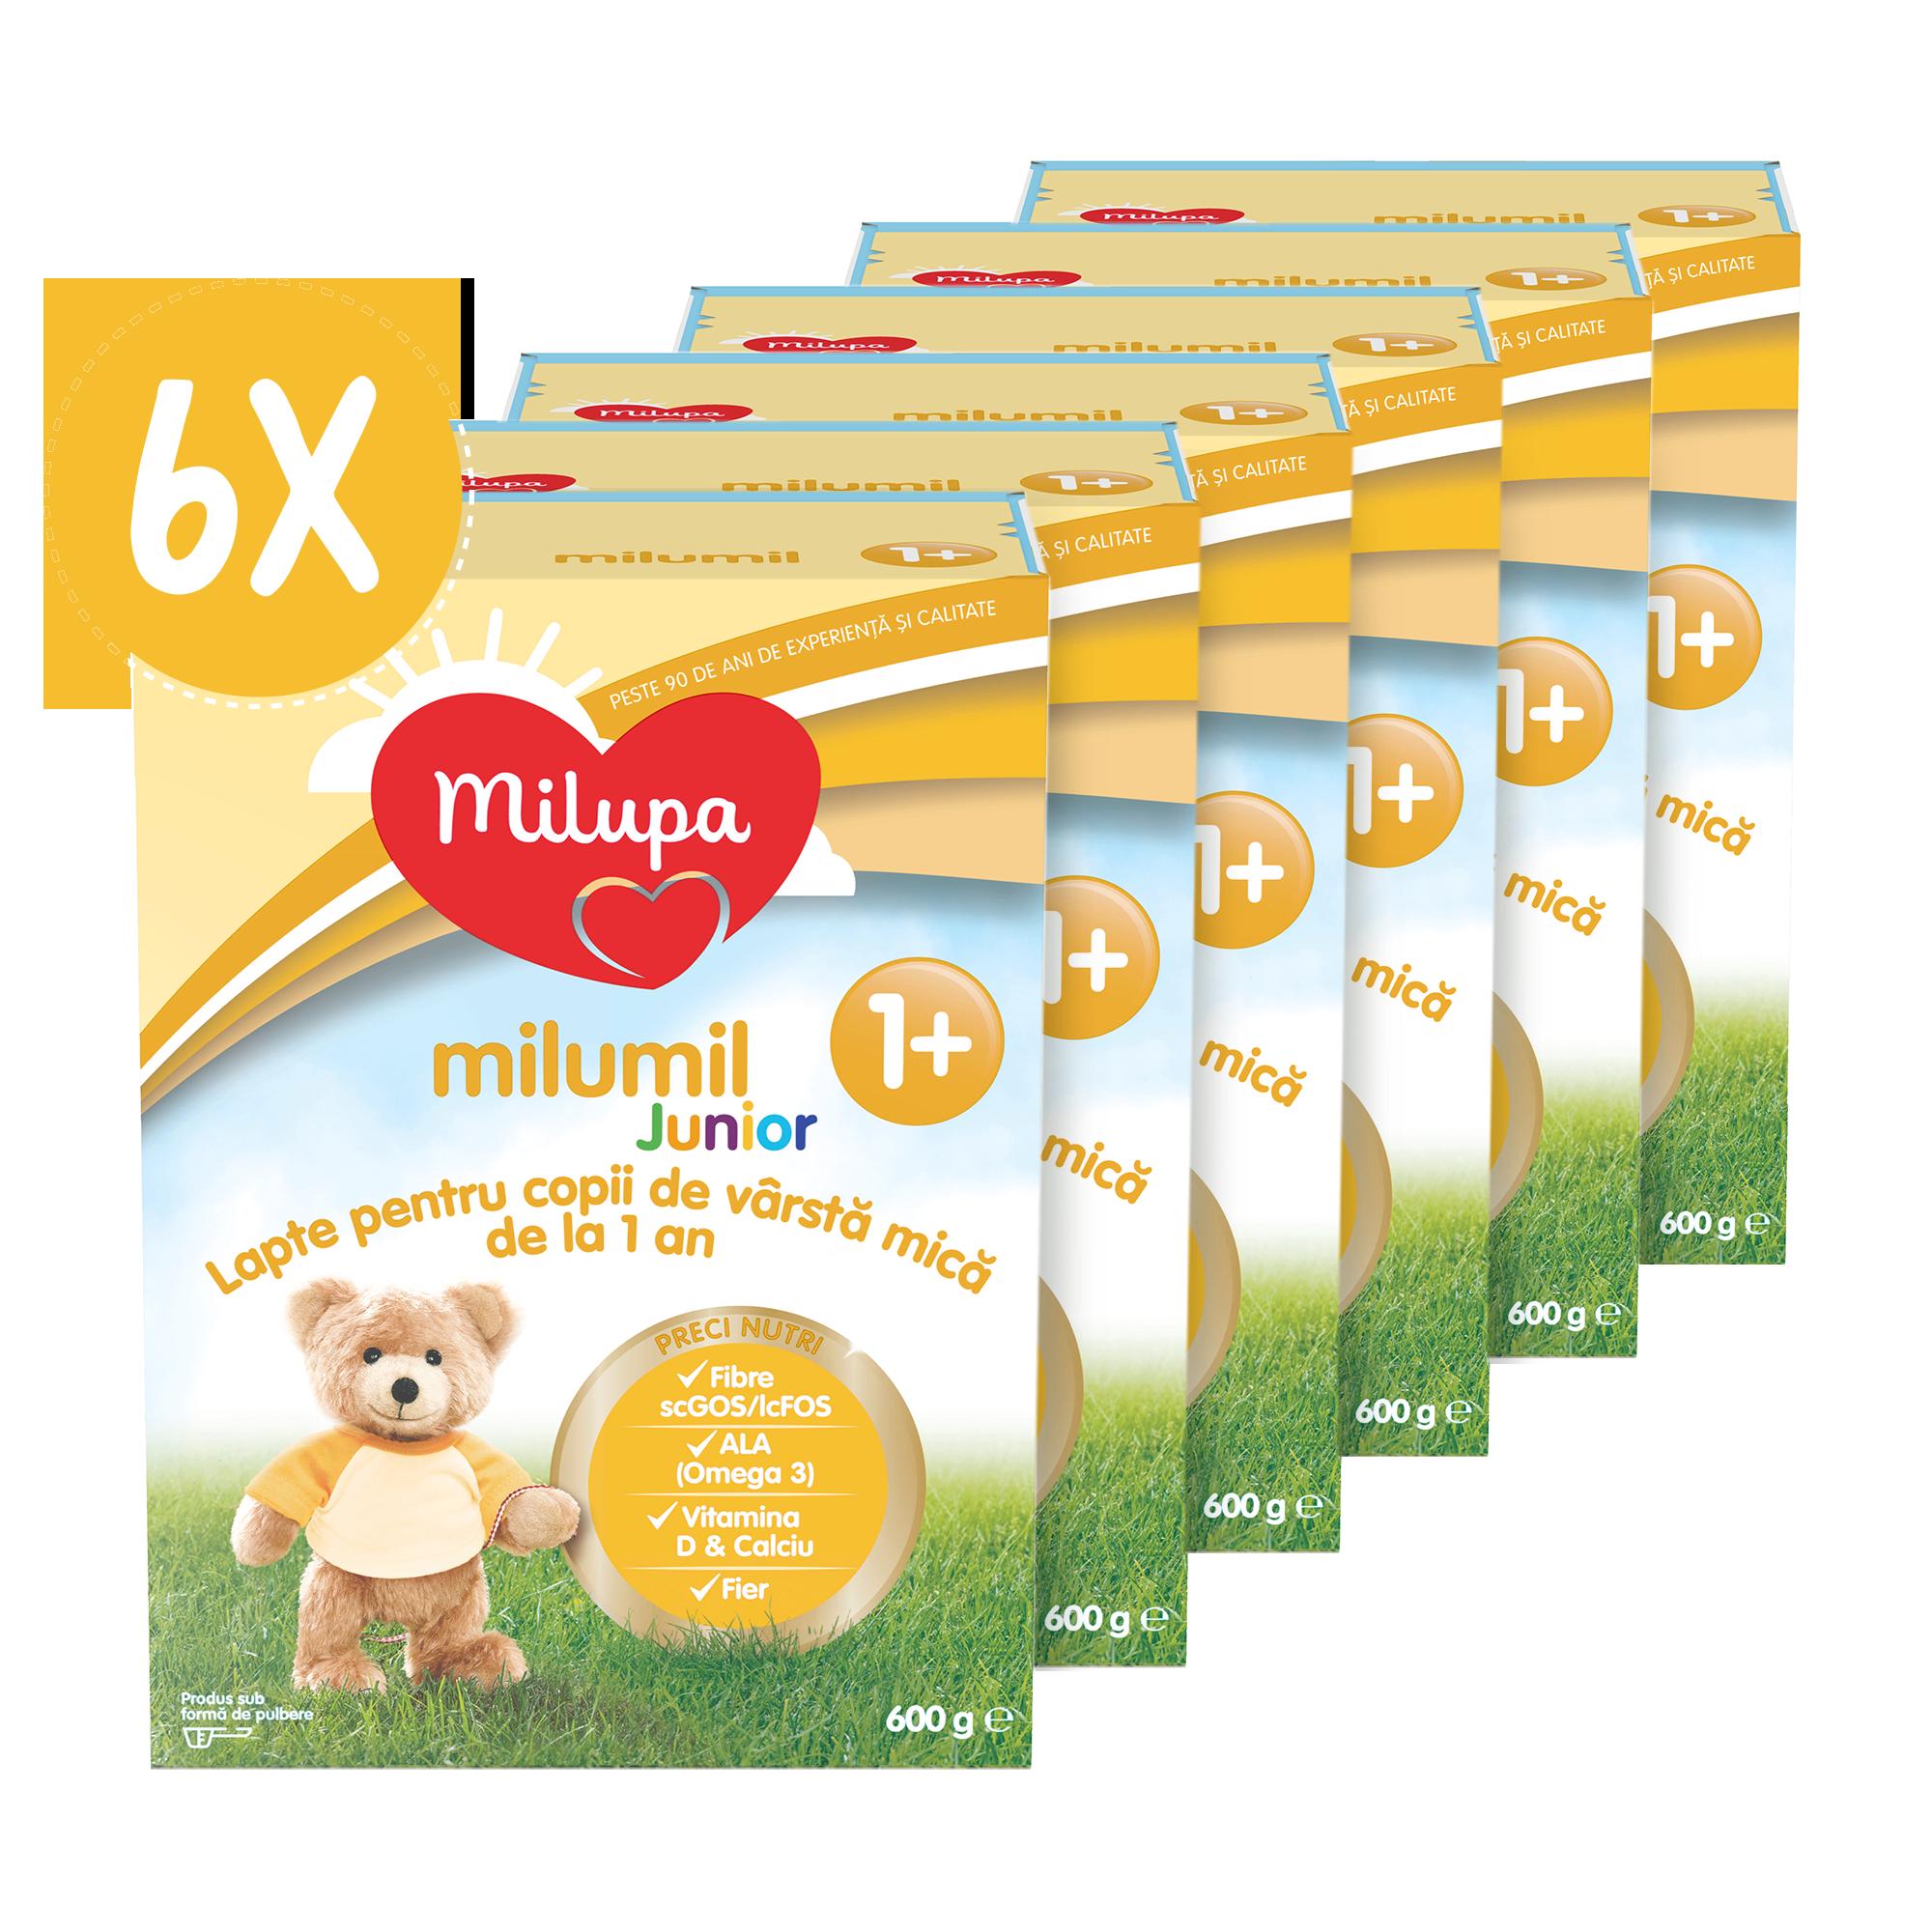 Pachet 6 x Lapte praf Milupa Milumil Junior 1+, 600g, 12luni+